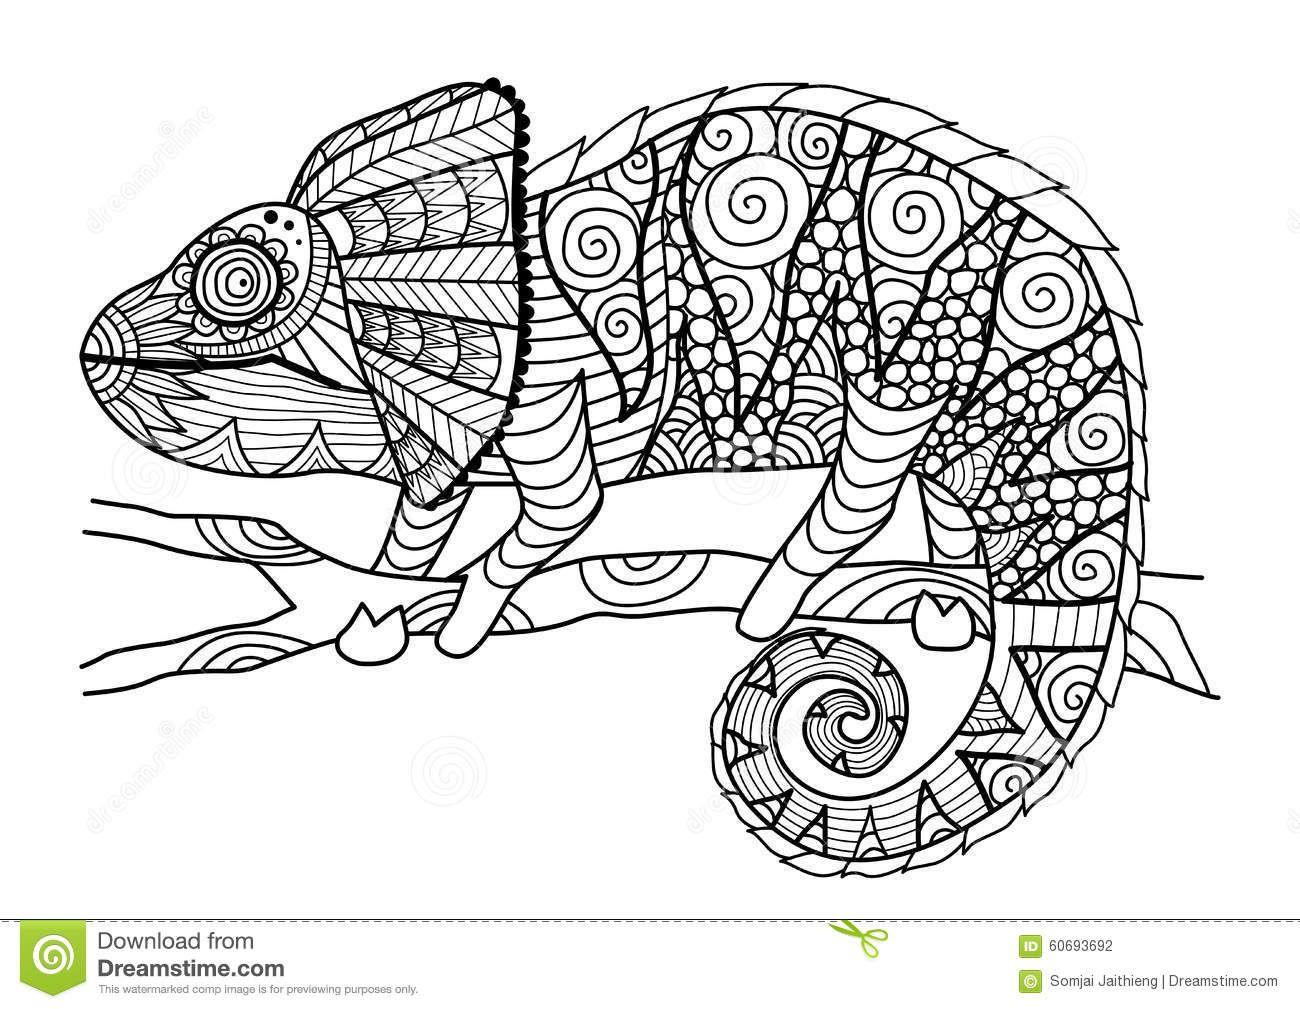 Imprimir Gratis Para Colorear Para Y Mandalas De Animales: Creandi: Mandalas Para Imprimir Y Pintar